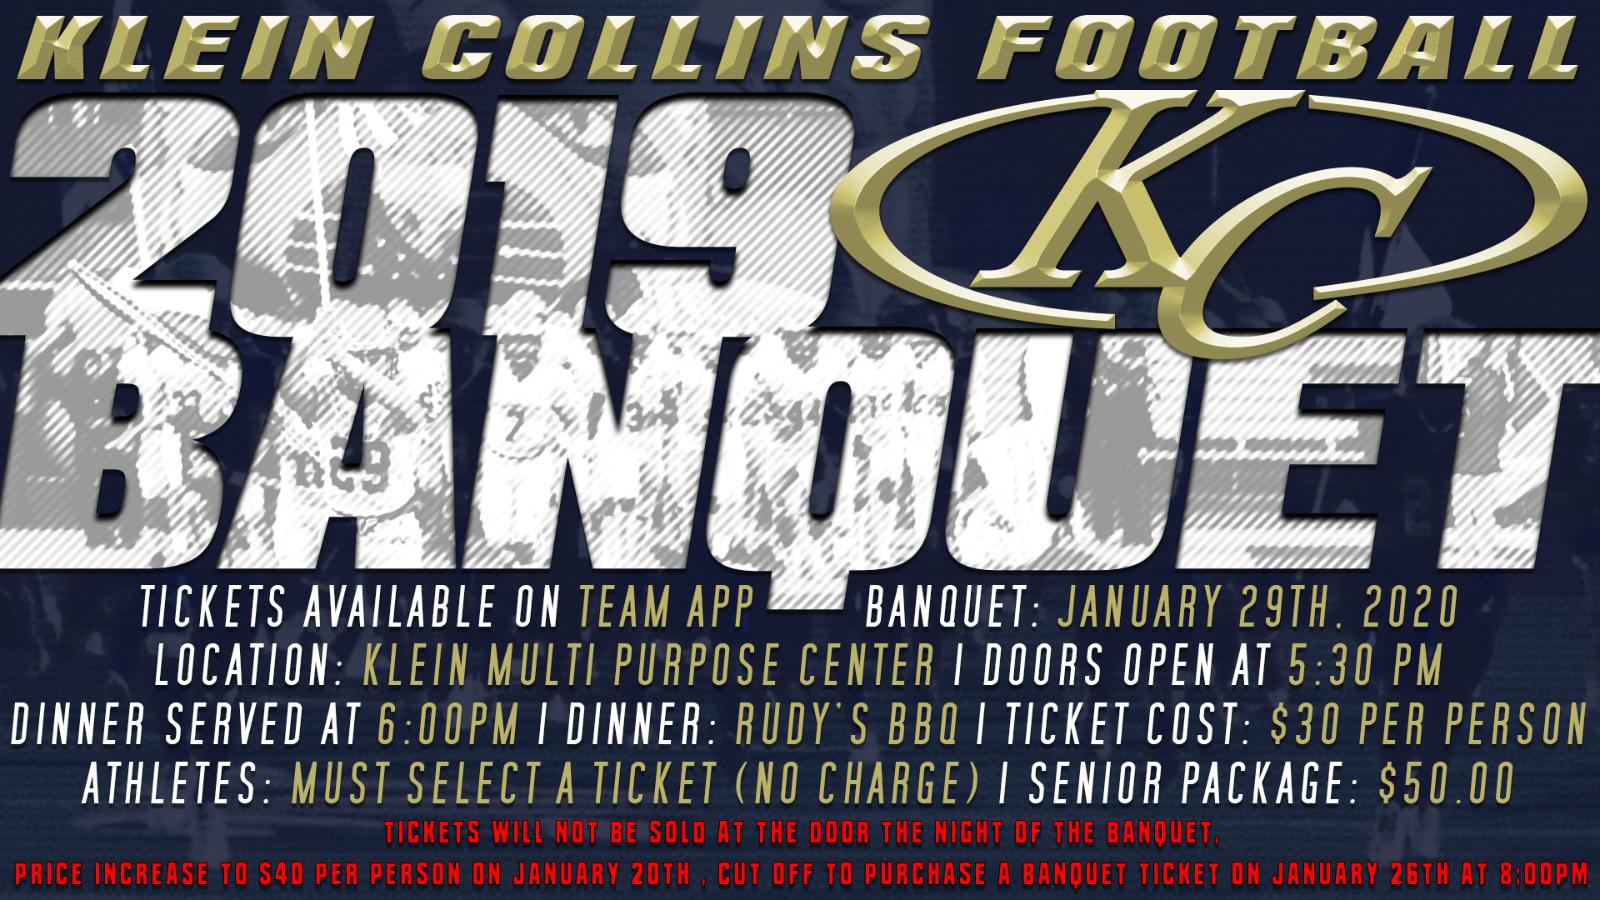 Klein Collins Football Banquet Info